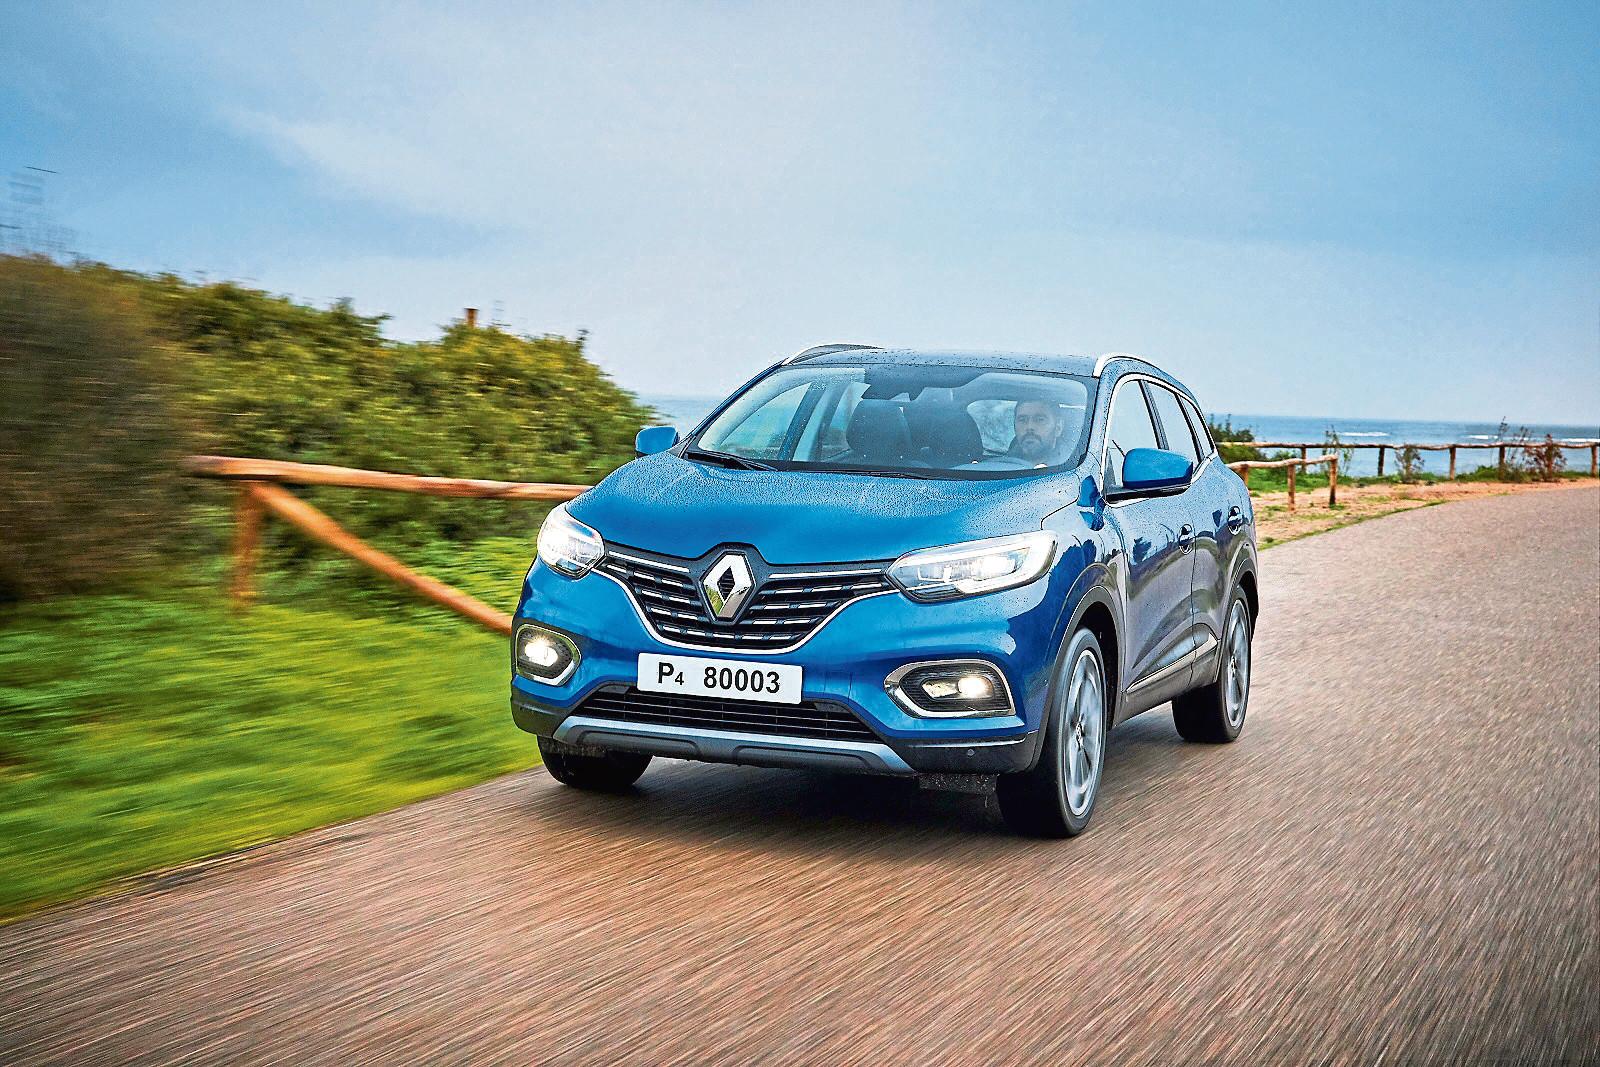 Renault's Kadjar